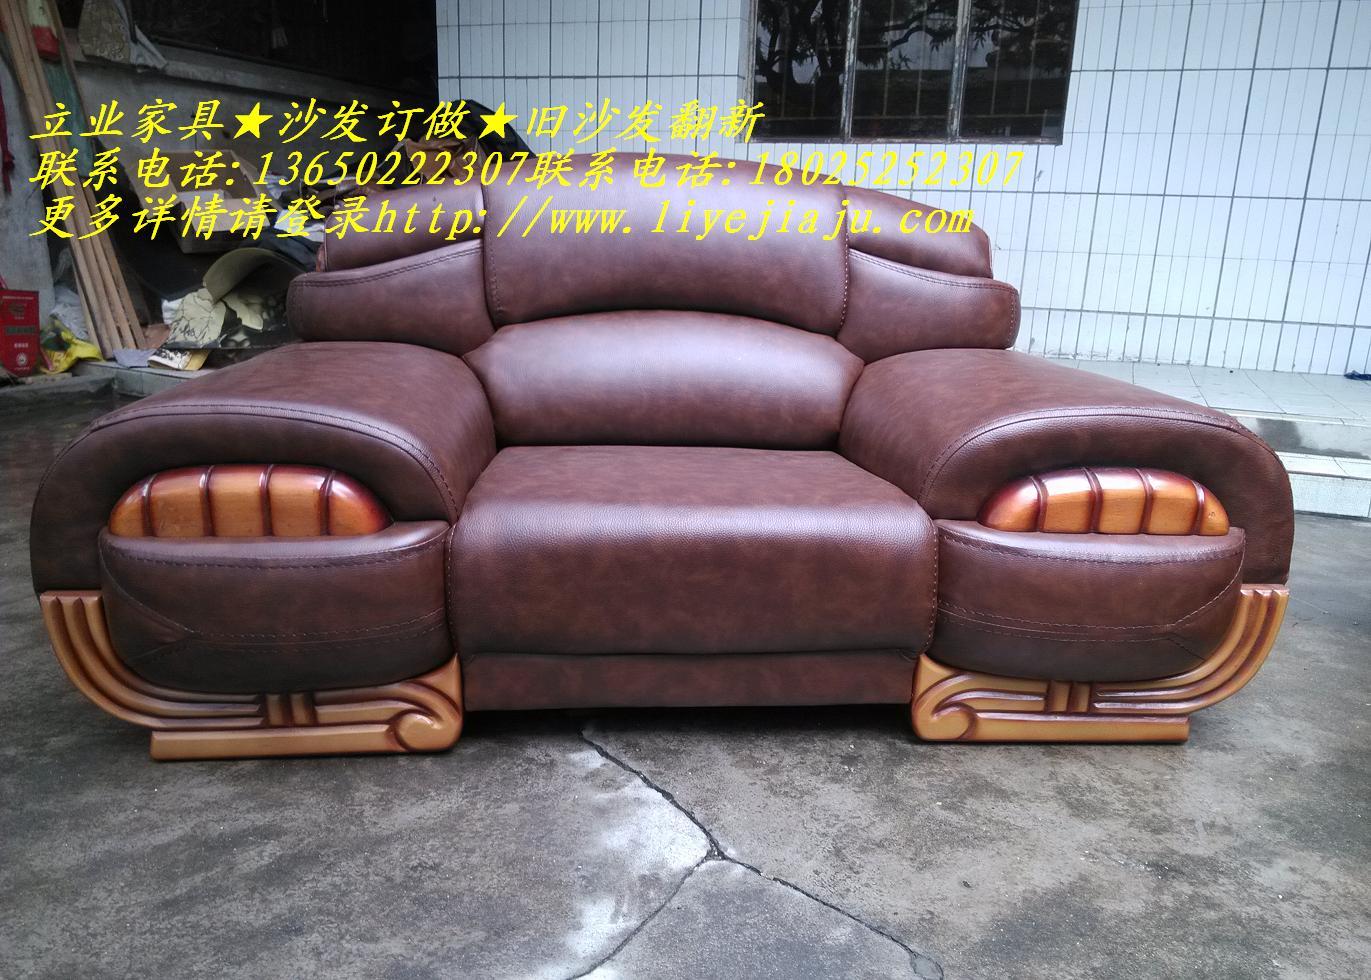 东坑皮沙发维修翻新,沙发换皮换布护理保养